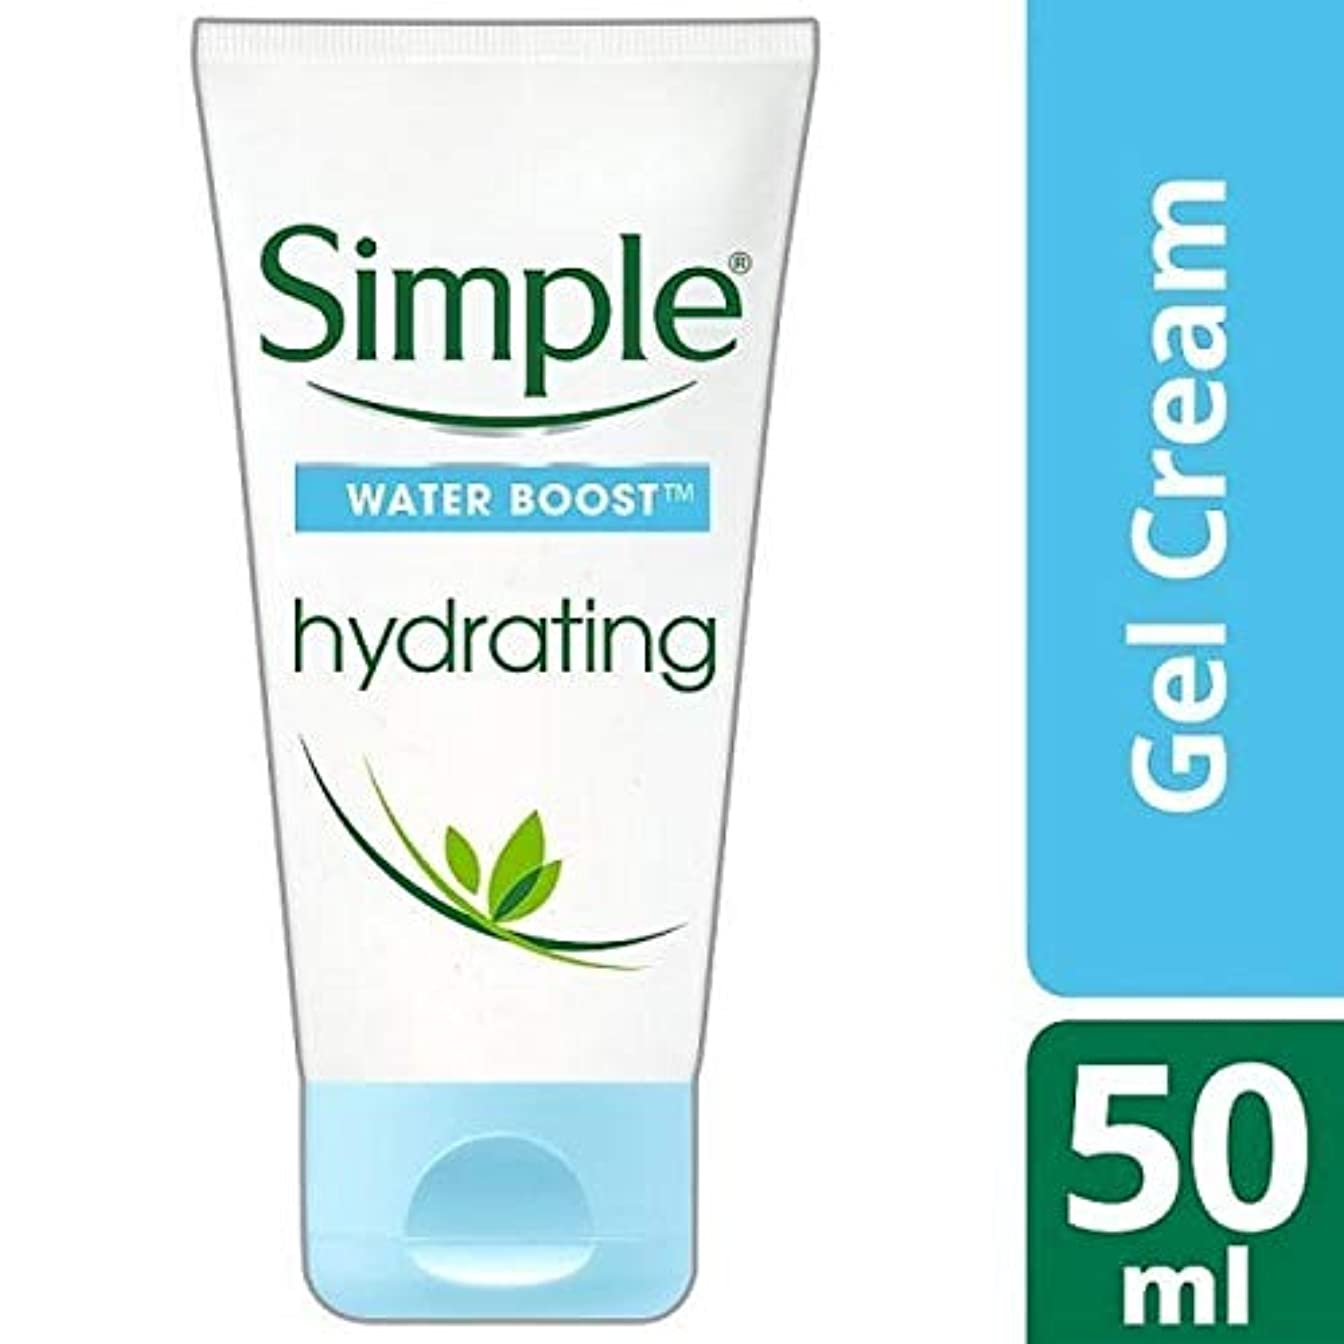 観客嵐の欠如[Simple ] シンプルな水ブースト水和ゲルフェイスクリーム50Ml - Simple Water Boost Hydrating Gel Face Cream 50ml [並行輸入品]